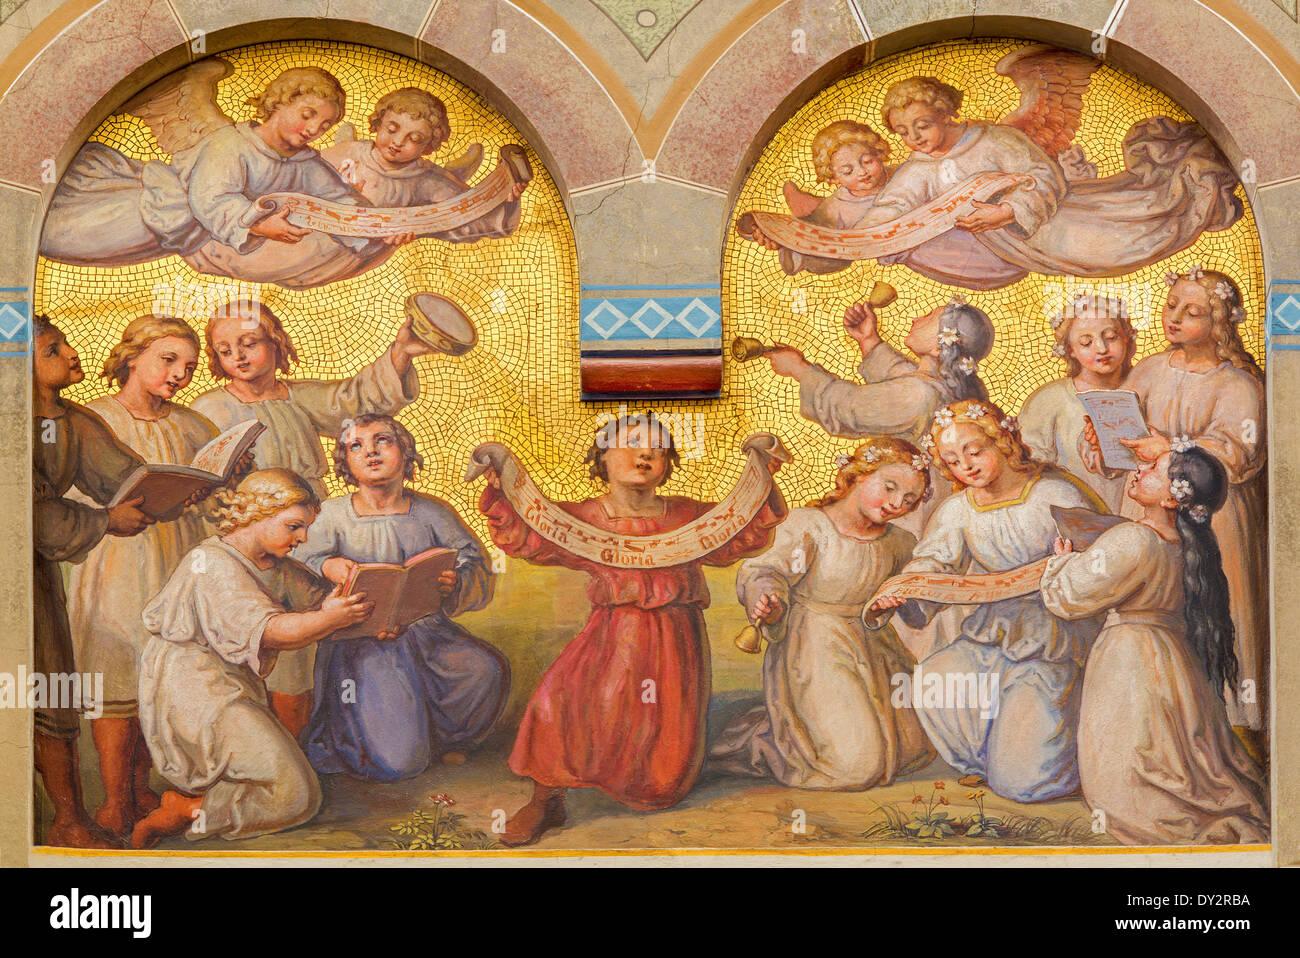 Vienne - Choeur des petits anges dans le ciel par Josef Kastner à partir de 1906 - 1911 dans l'église des Carmélites Photo Stock